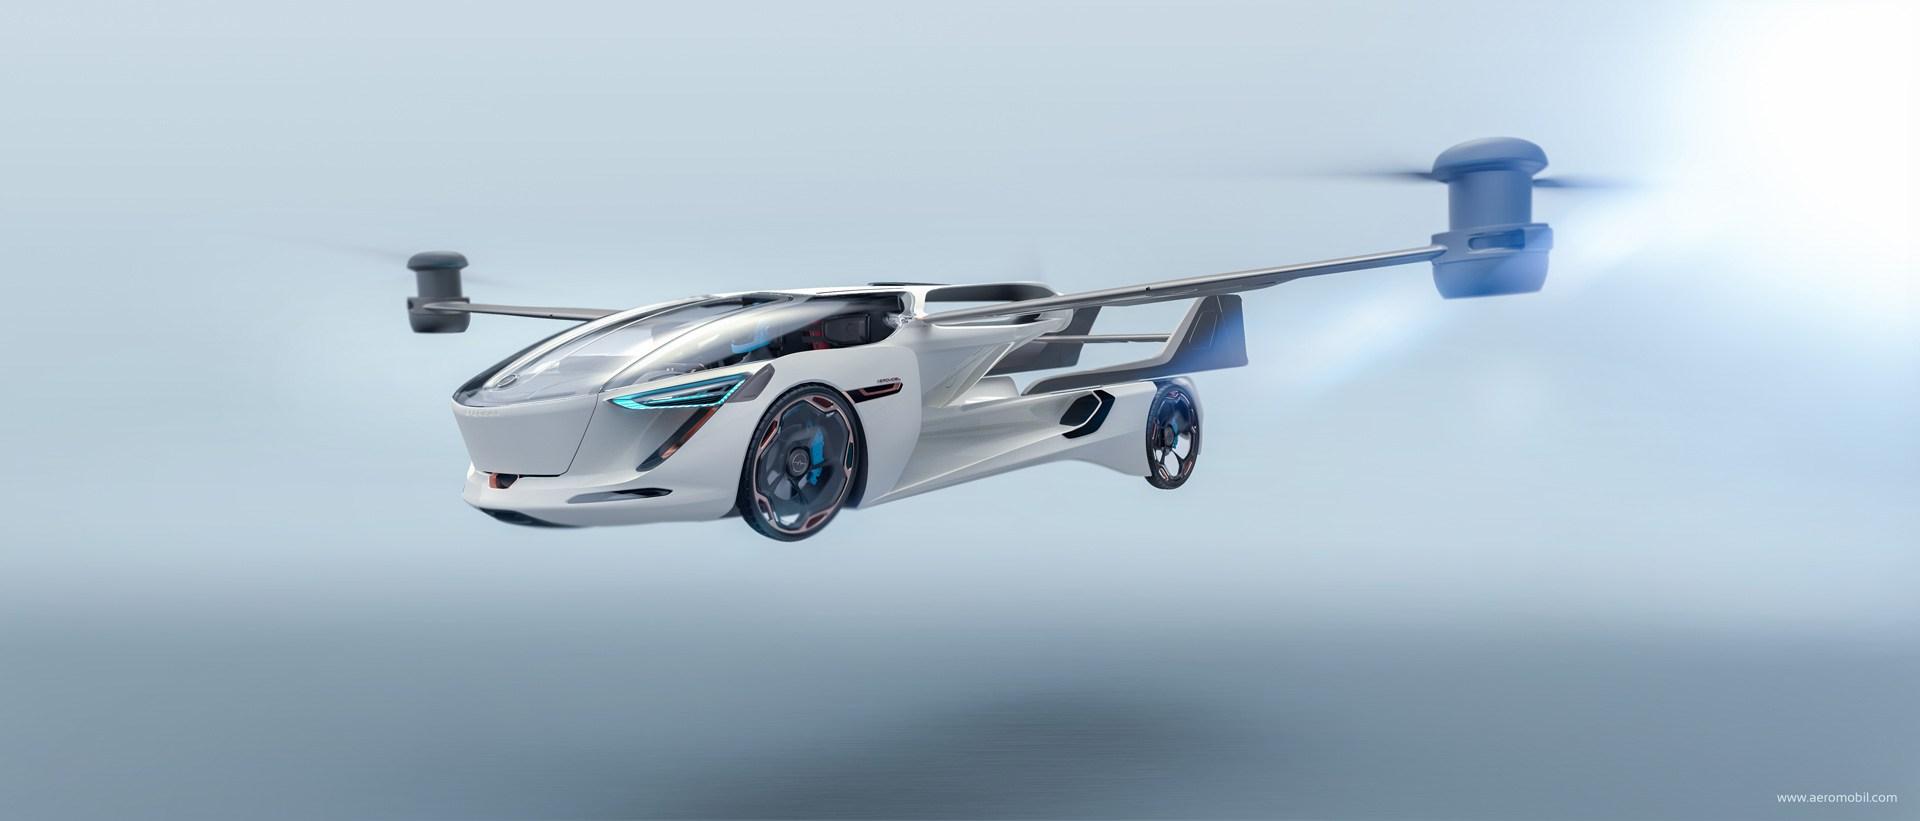 AeroMobil-5.0-VTOL-Concept-8